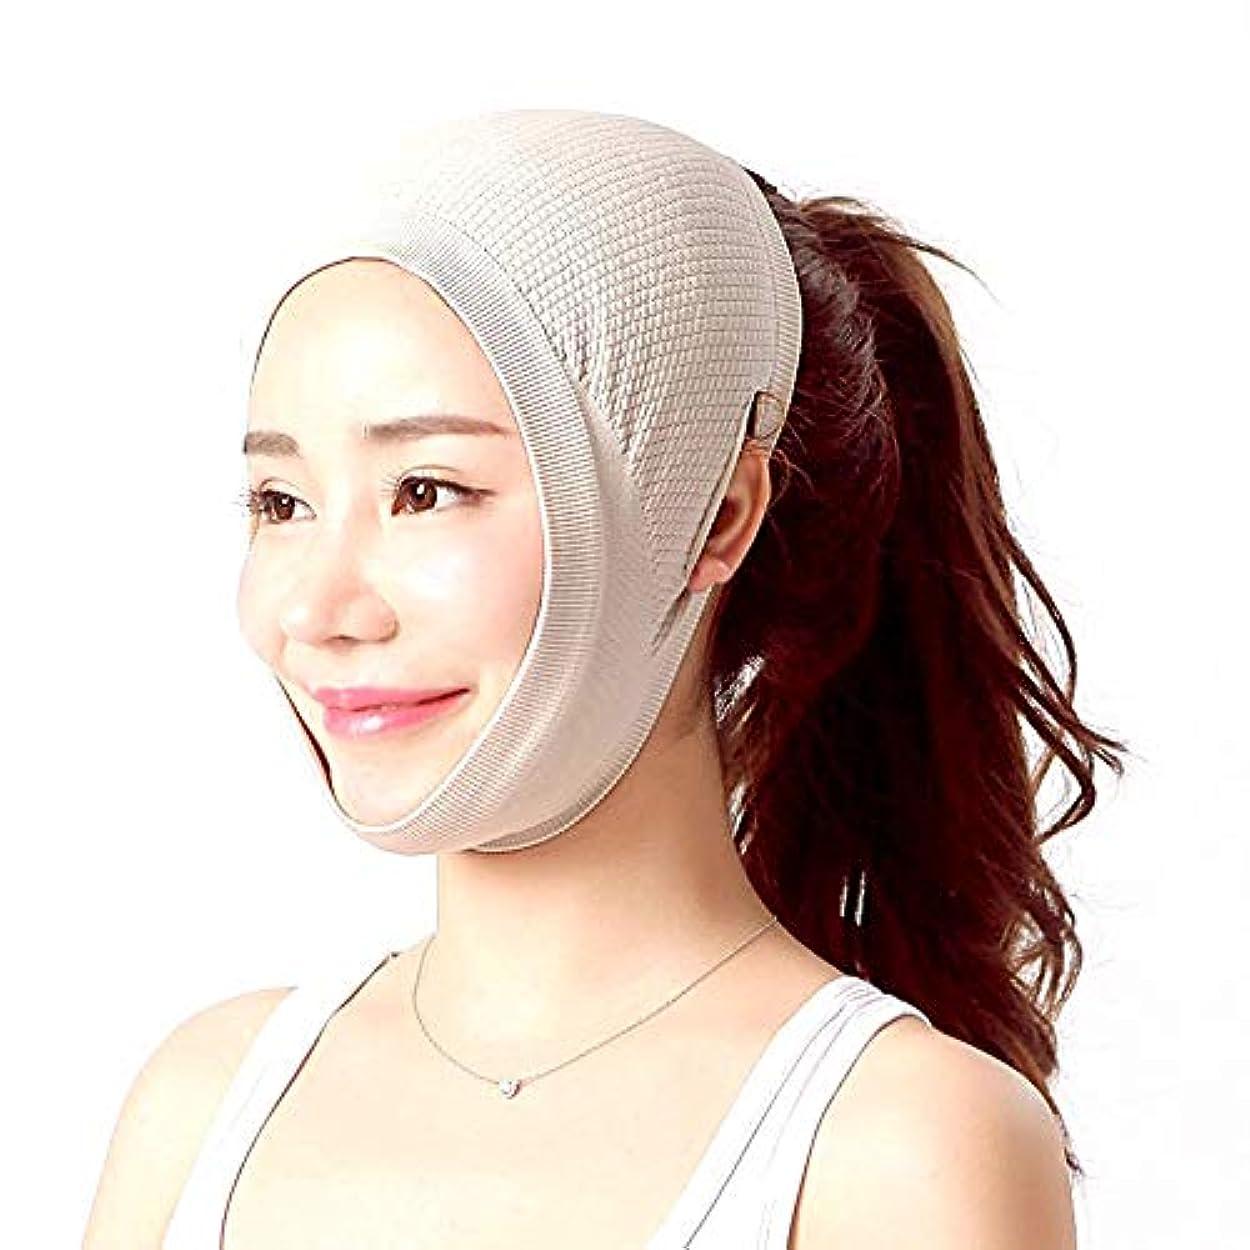 隣接すぐに発症Jia Jia- フェイスリフティングアーティファクト包帯ライン術後回復包帯リフティングフェイスフードVフェイス包帯リフティングVフェイス美容マスク - 肌のトーン 顔面包帯